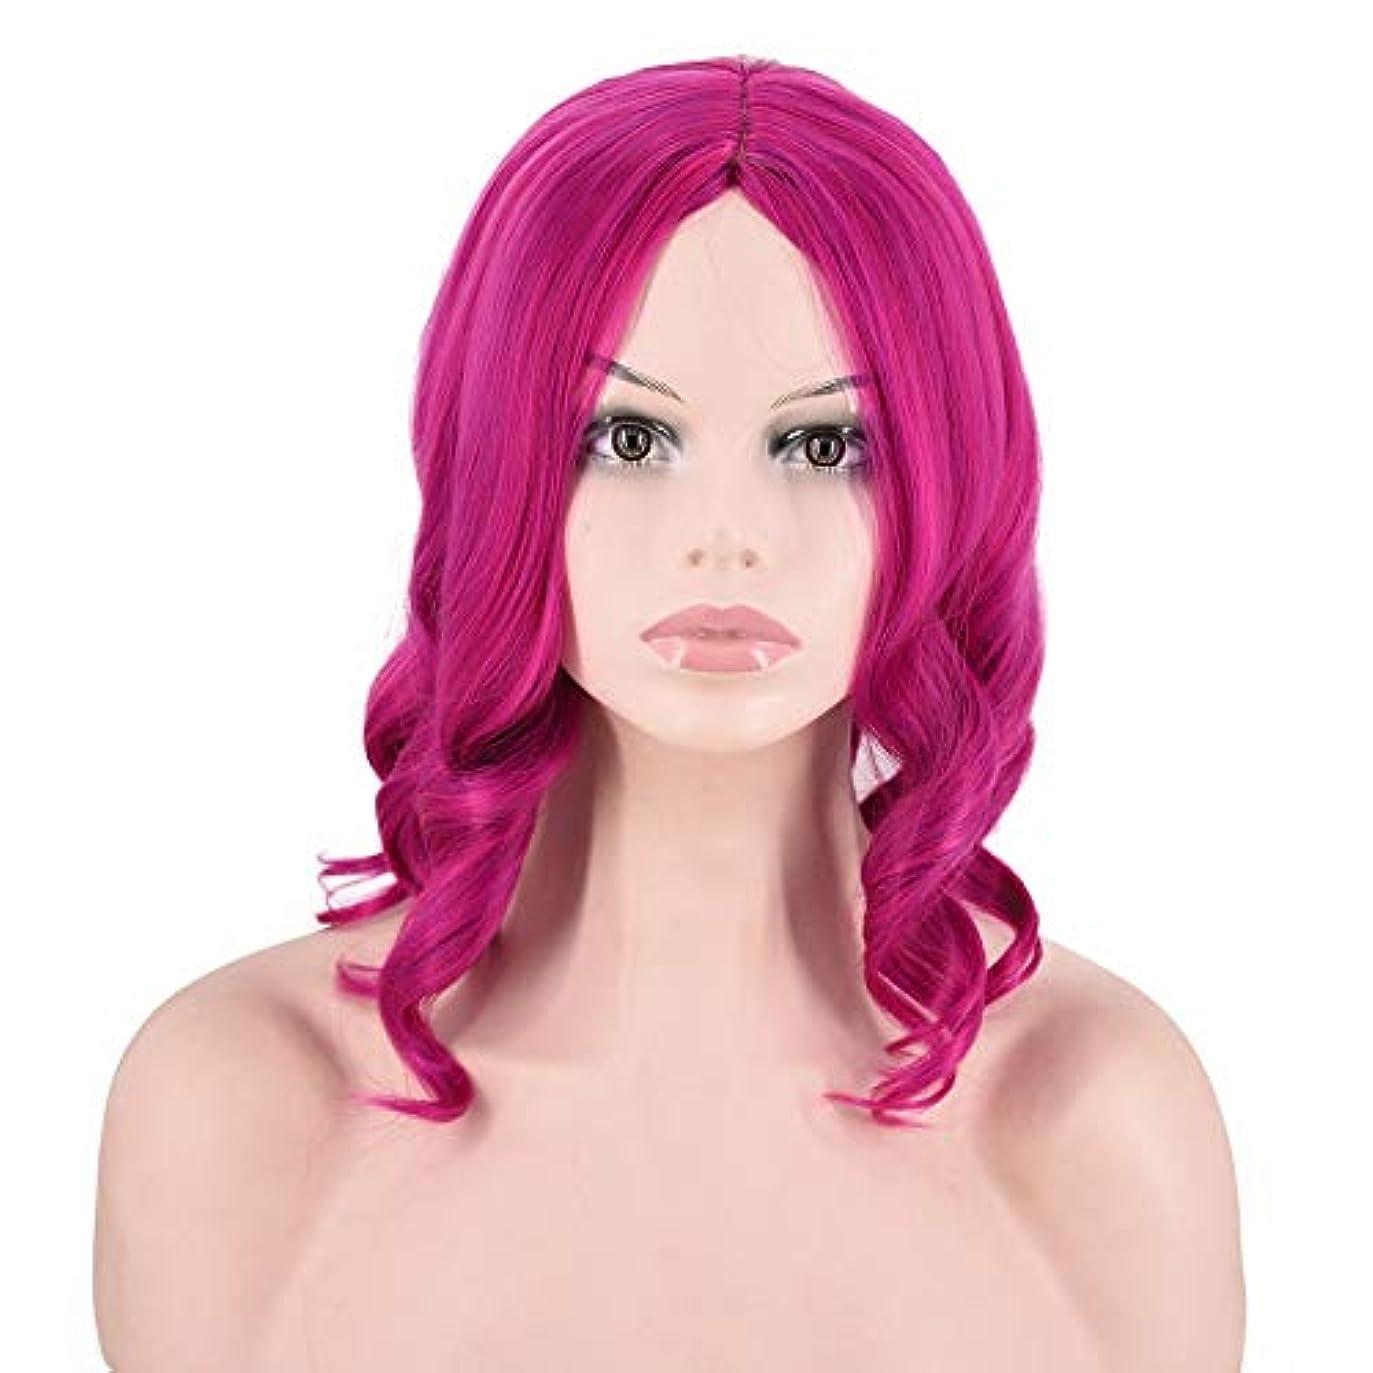 不名誉魅力疲れたYOUQIU 女性のファッションの毎日髪のかつらのためにローズレッドコスプレウィッグカーリーボブヘアーウェーブスタイル (色 : Photo Color)